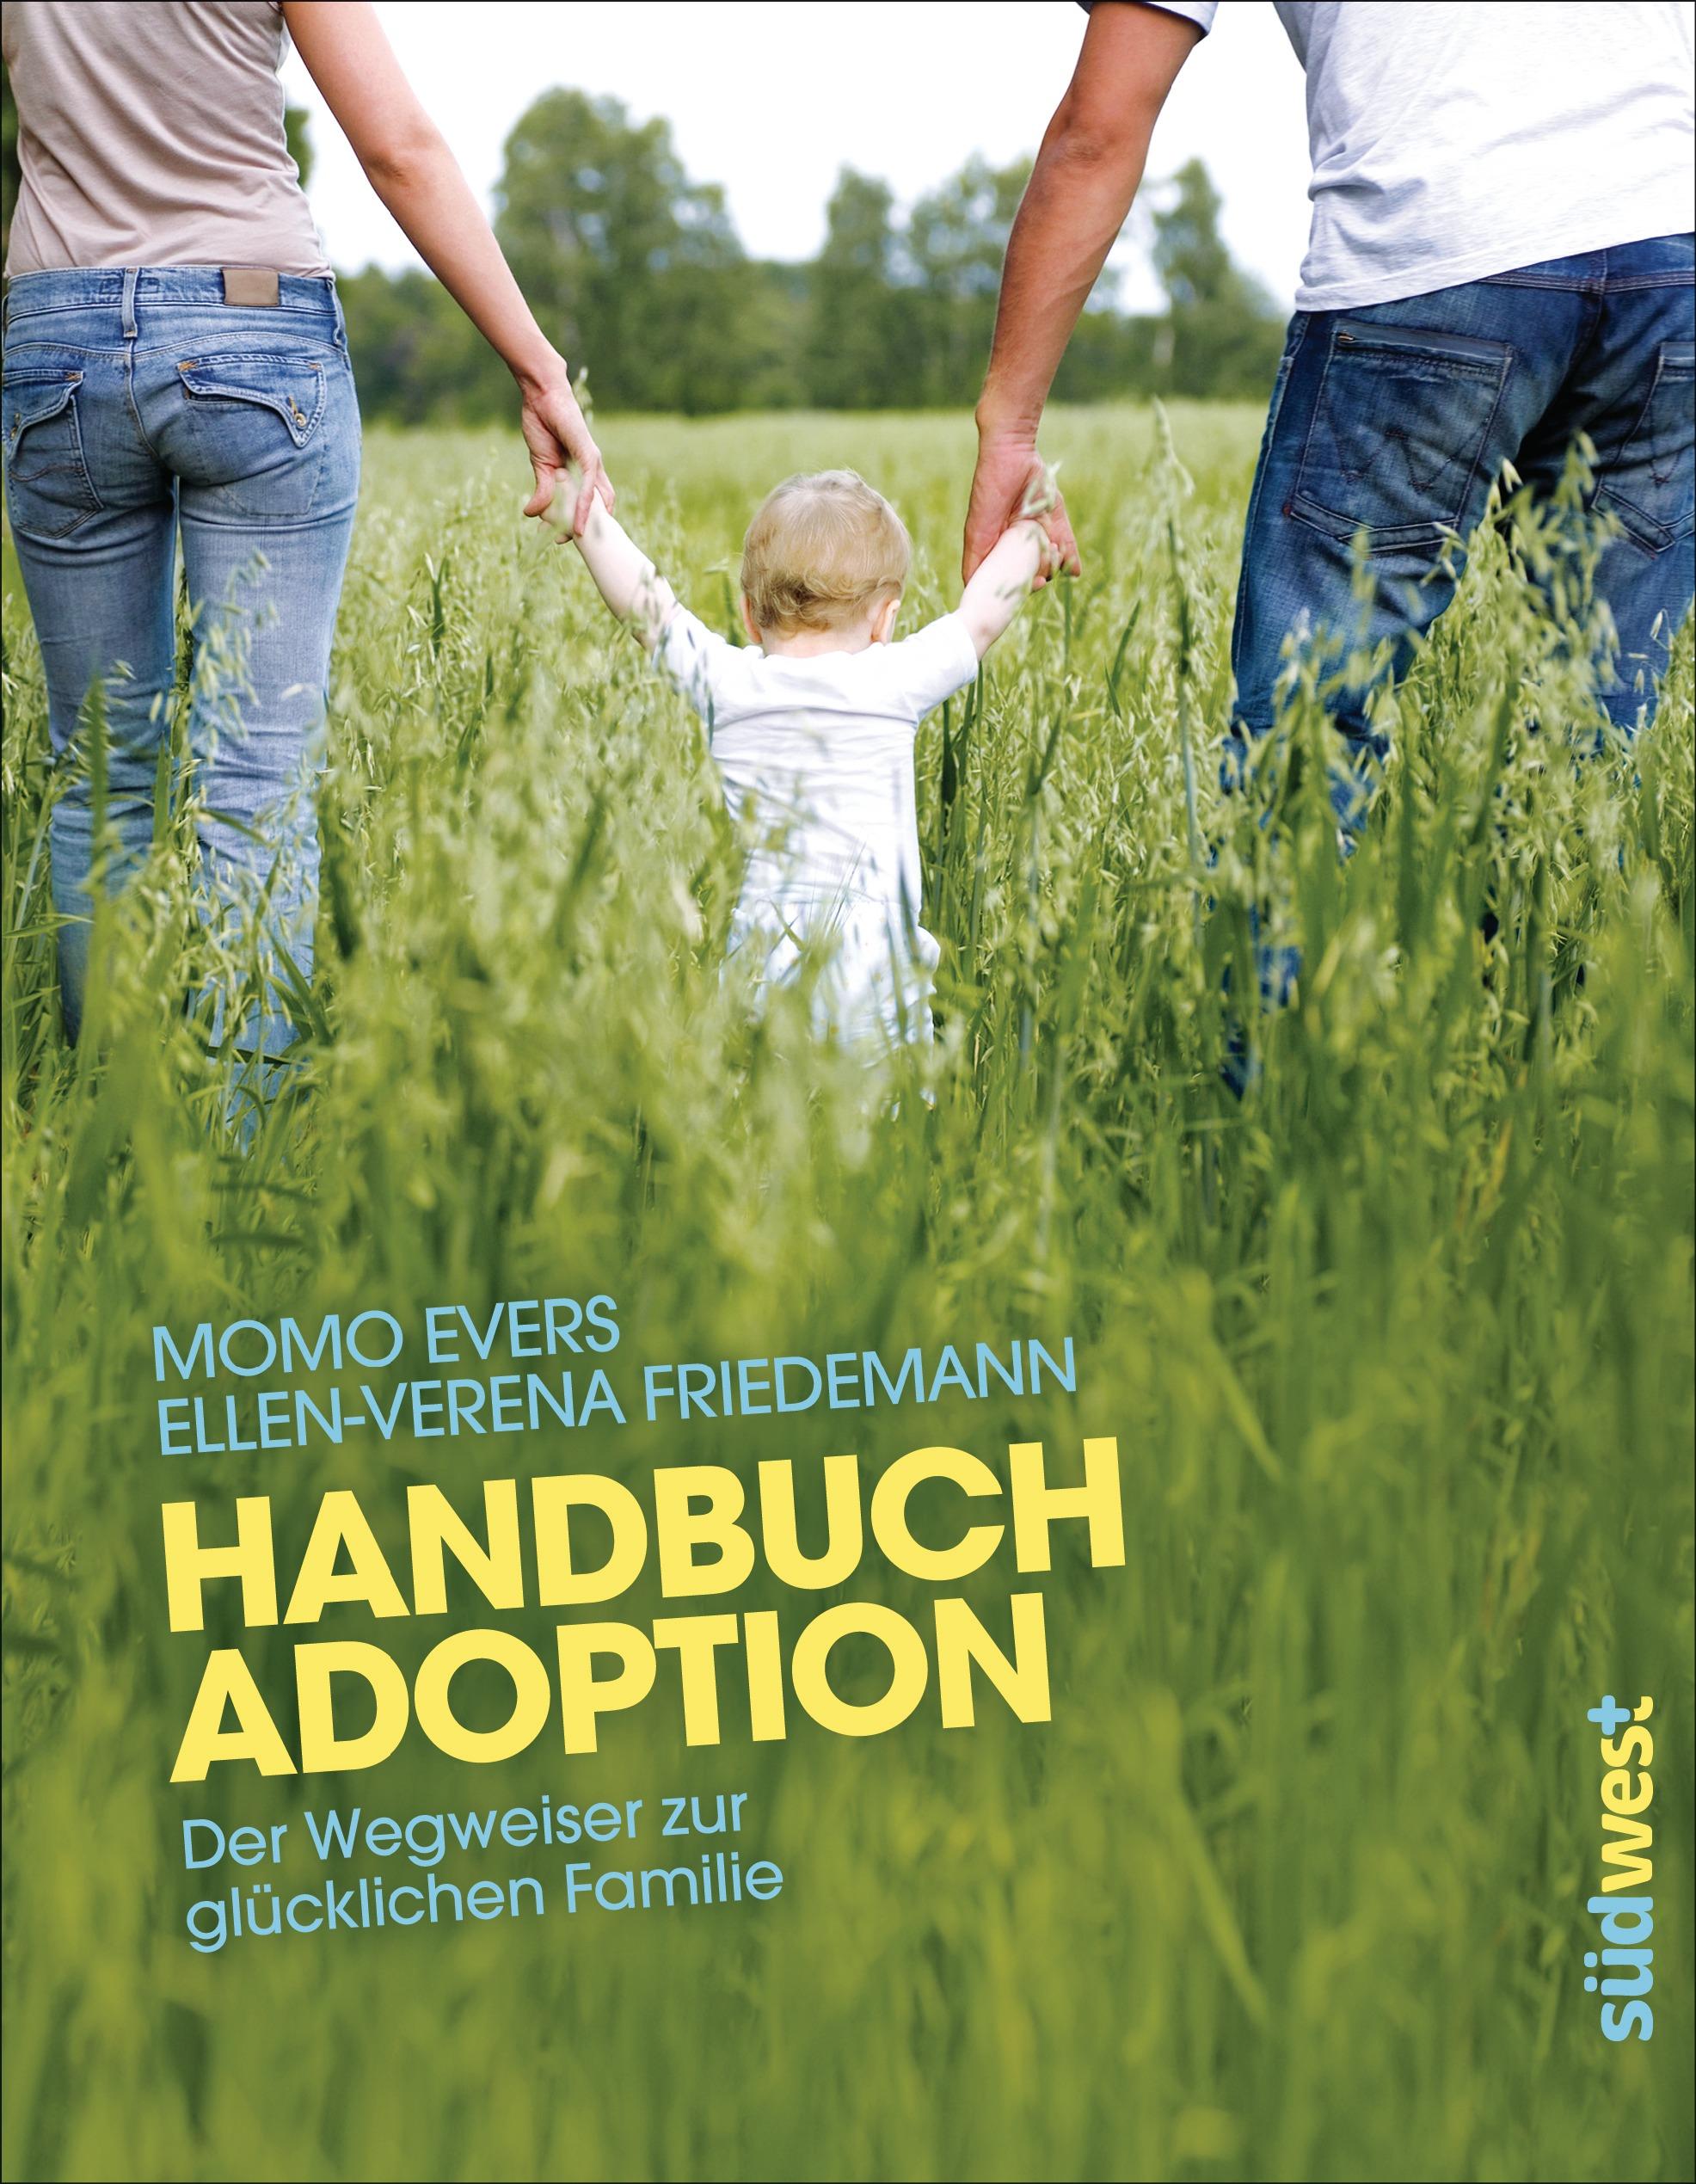 Handbuch Adoption: Der Wegweiser zur glücklichen Familie - Momo Evers, Ellen-Verena Friedemann [Broschiert]